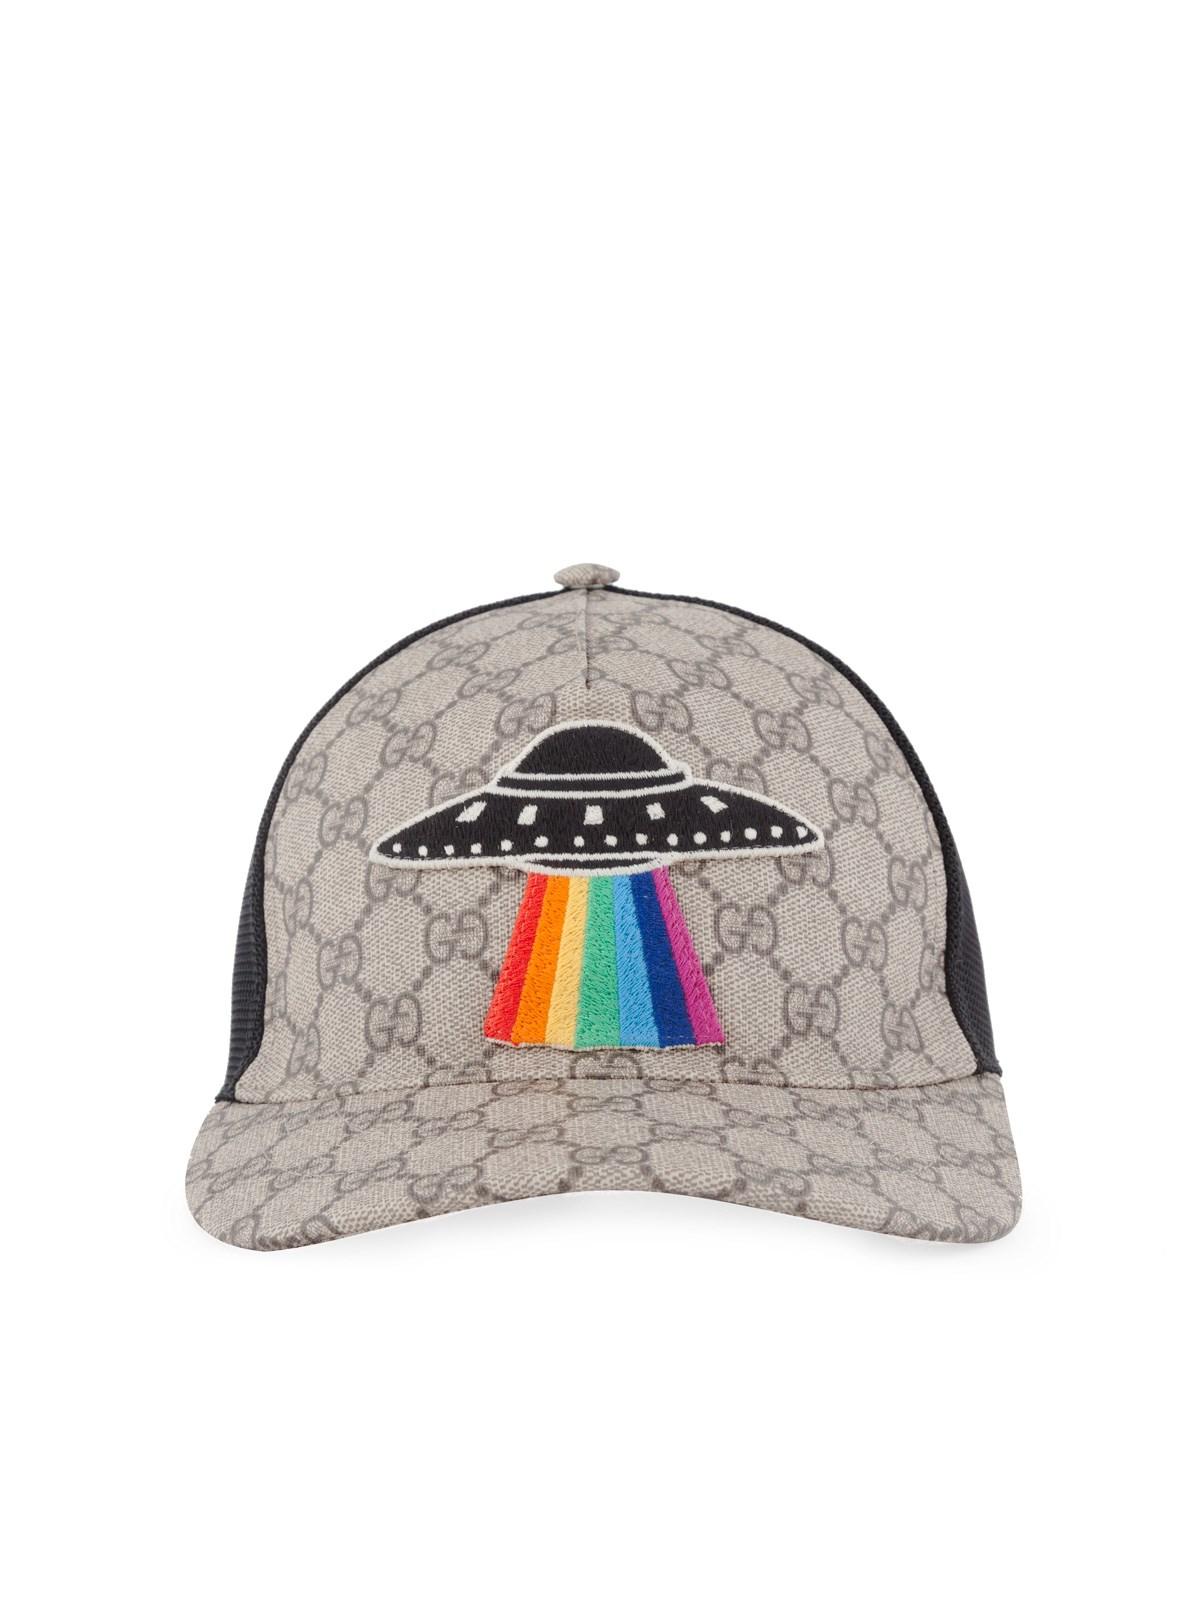 GG Supreme UFO applique cap Gucci gaqSh